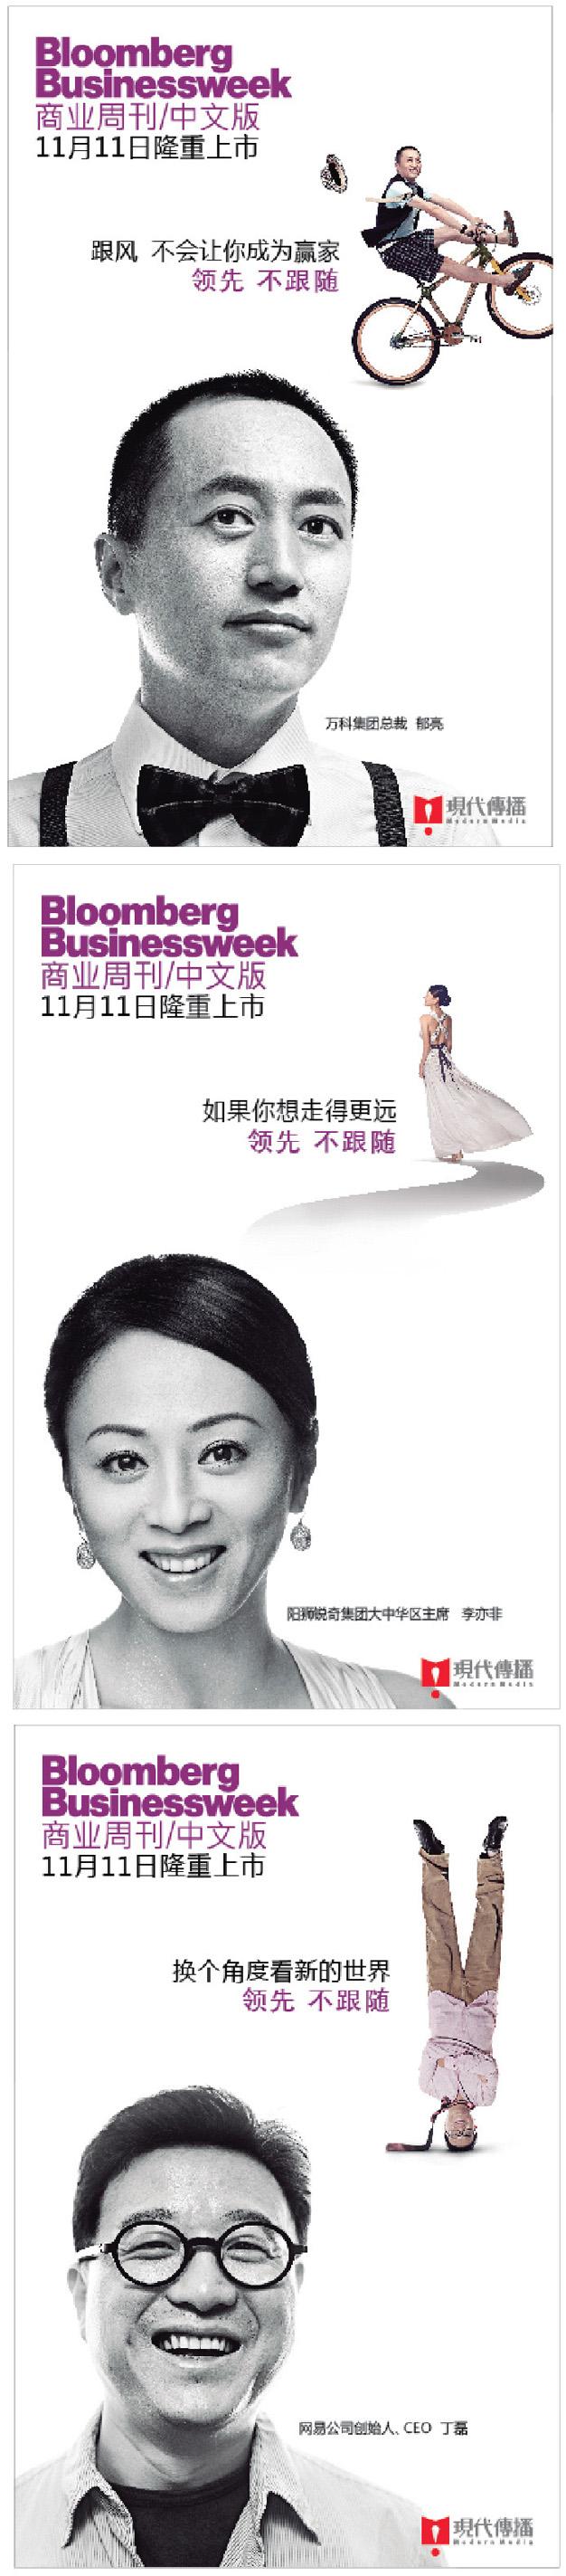 商業周刊中文版海報